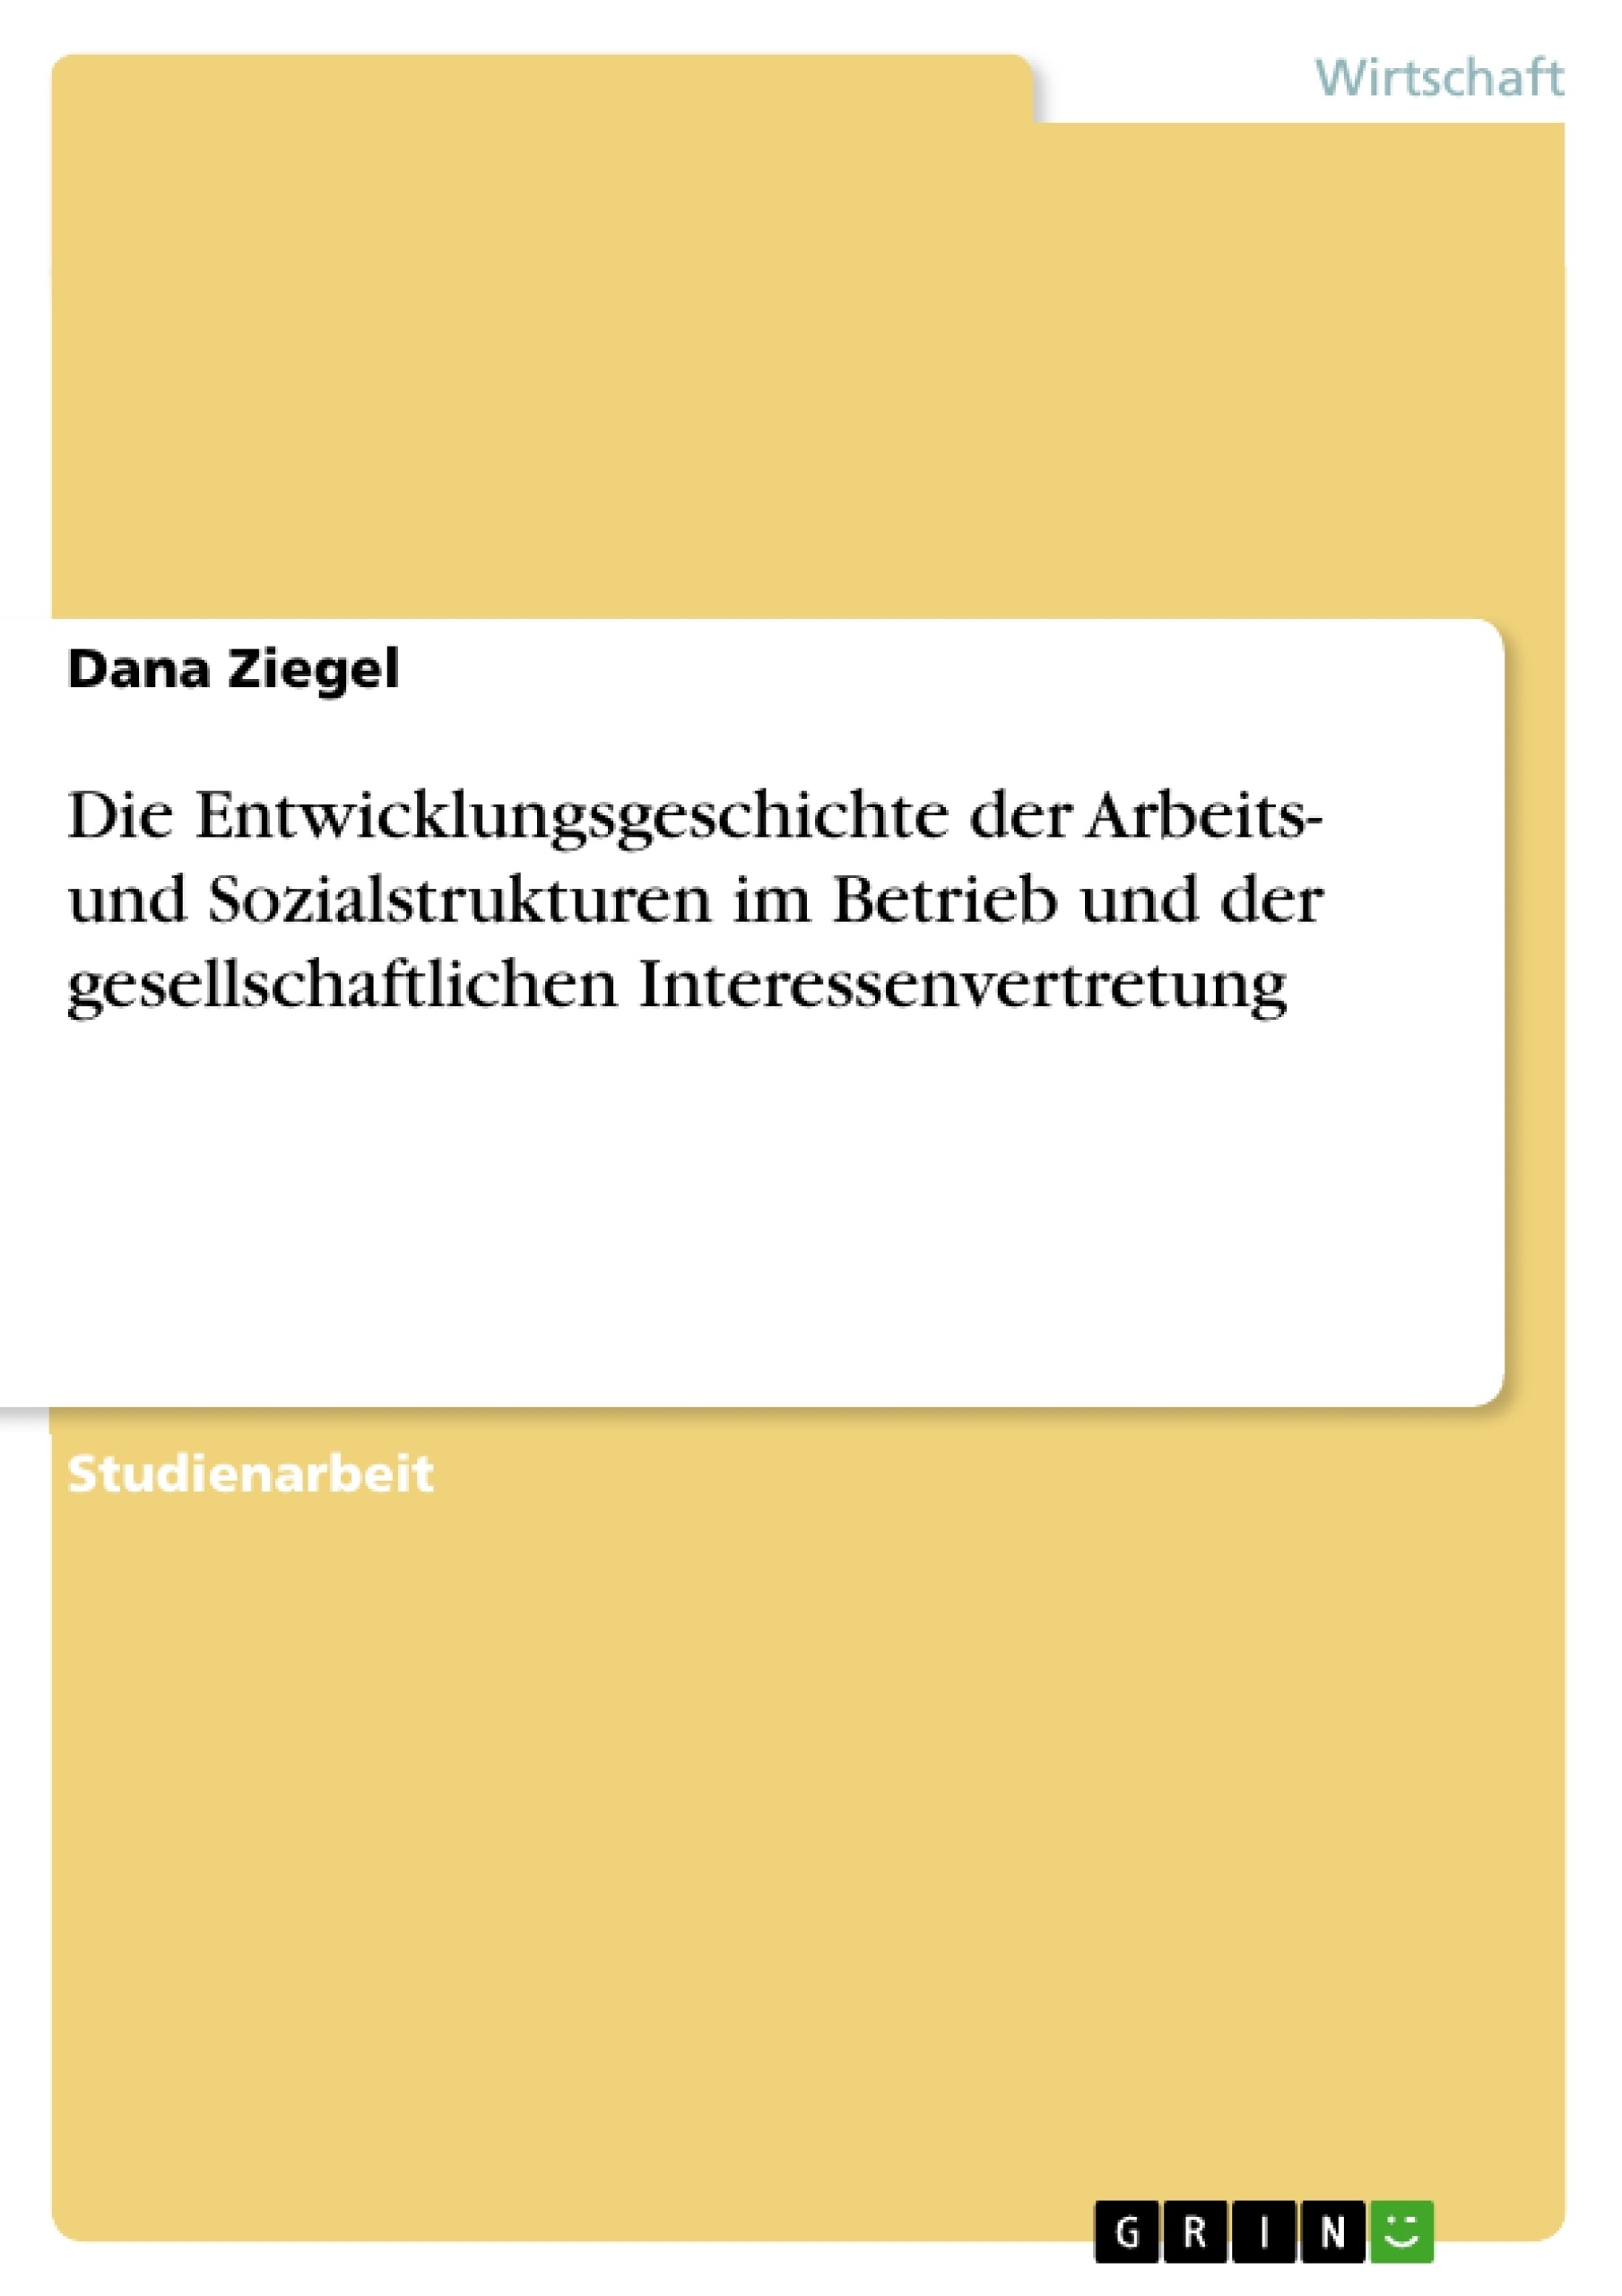 Titel: Die Entwicklungsgeschichte der Arbeits- und Sozialstrukturen im Betrieb und der gesellschaftlichen Interessenvertretung